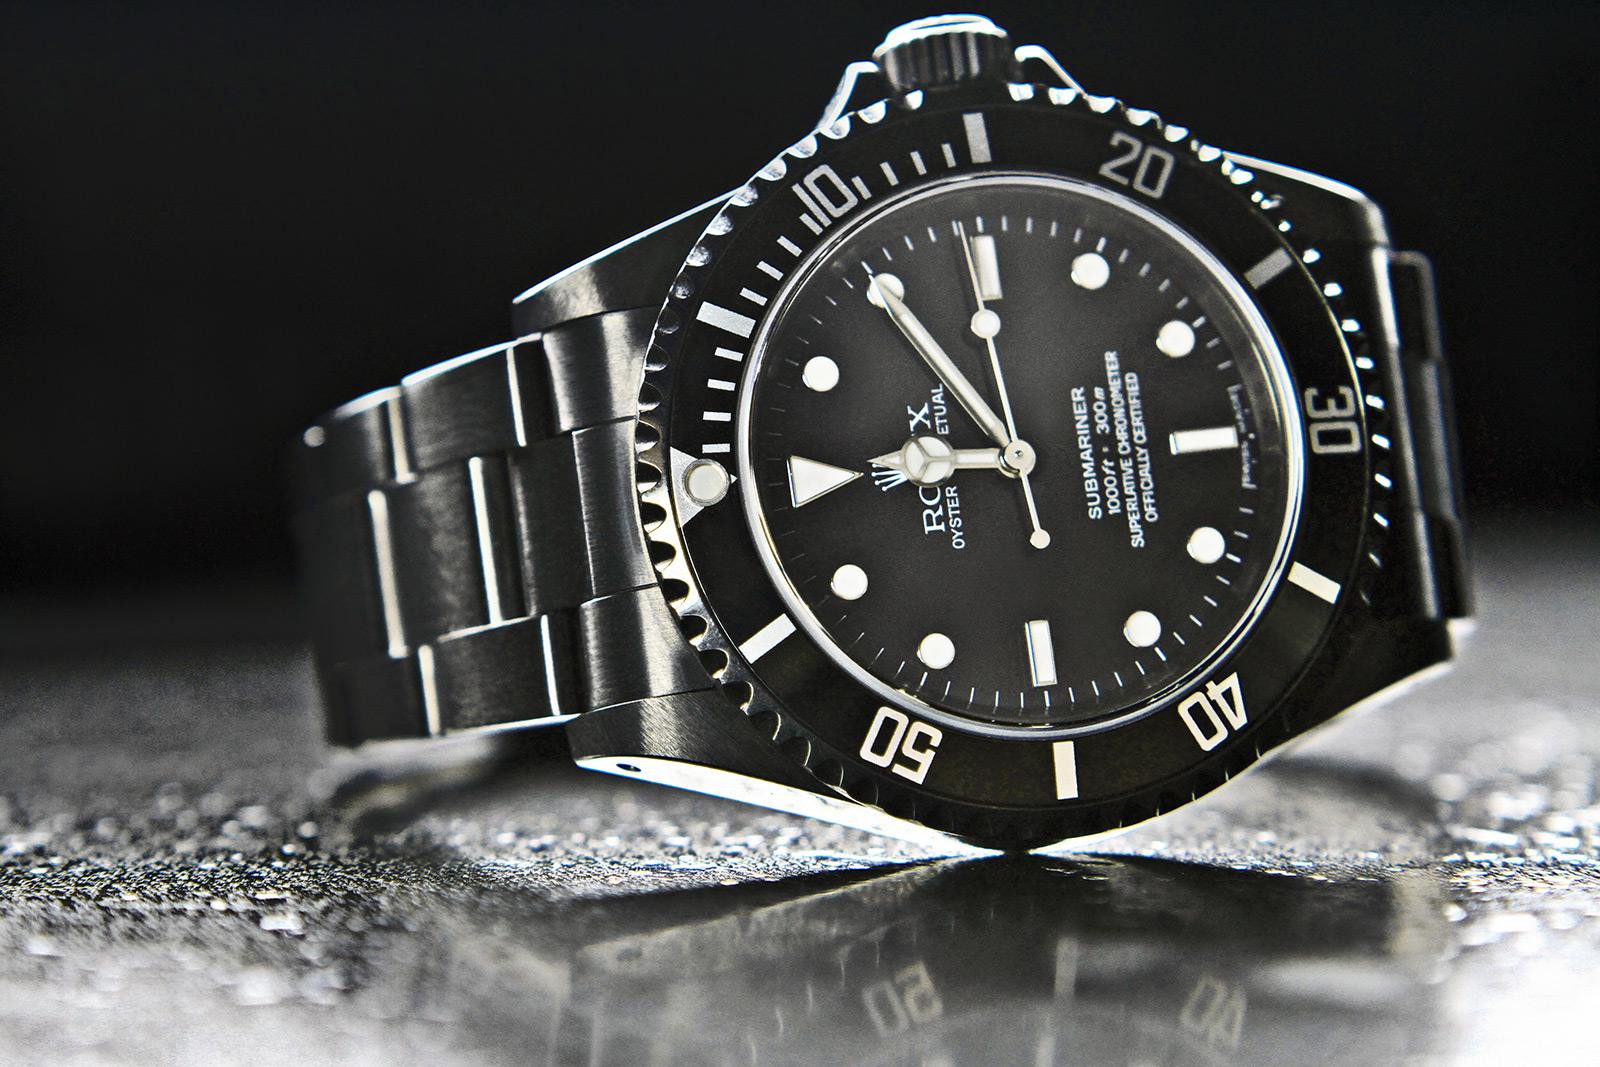 Submariner-galerie-1